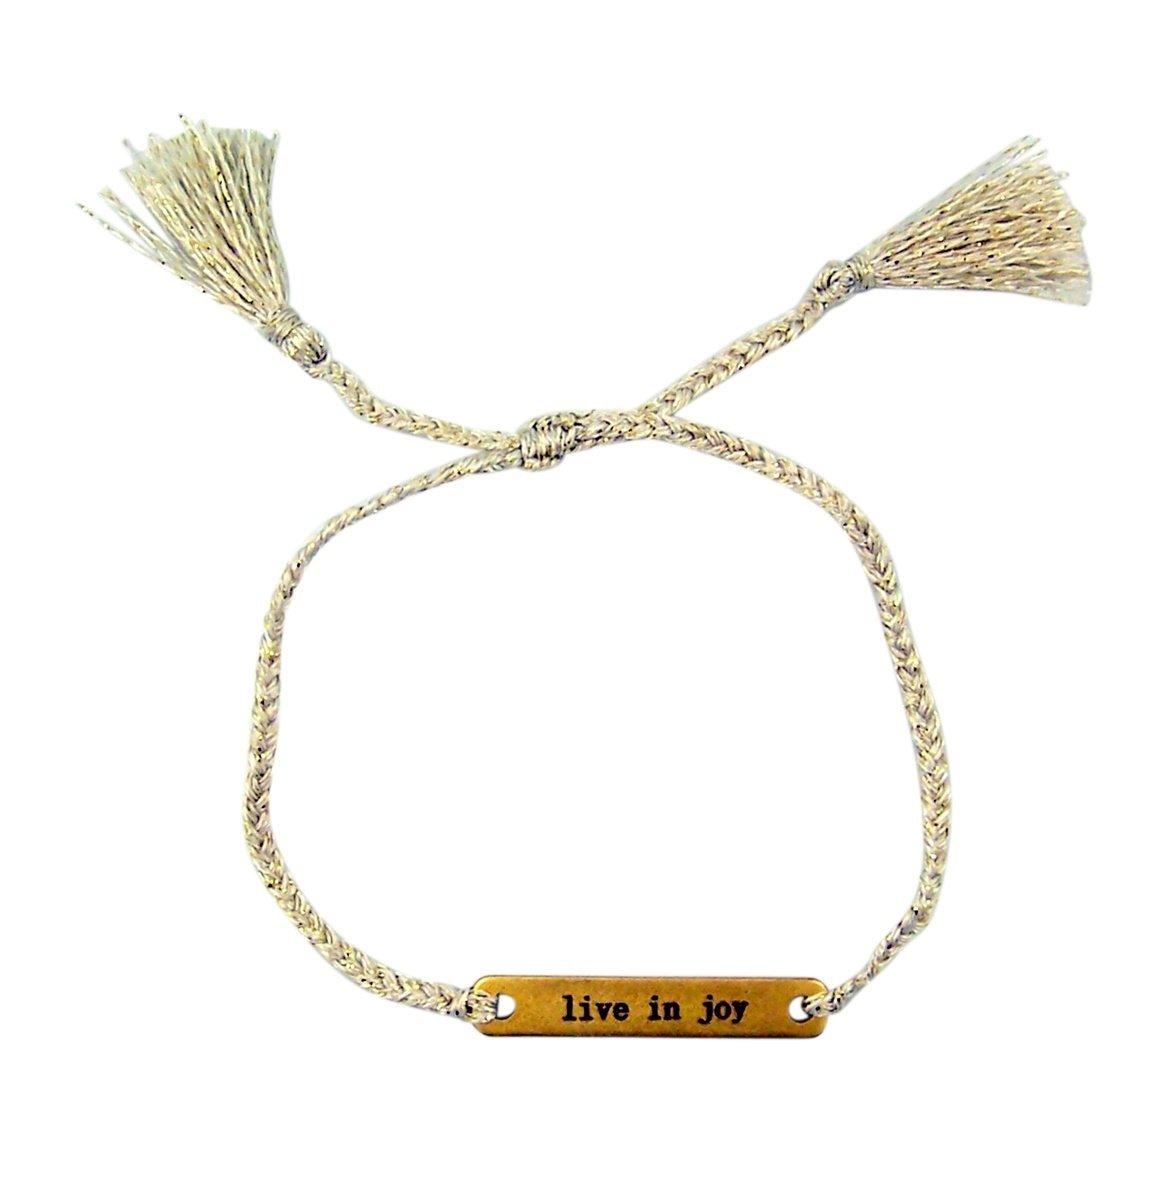 Joy in a Jar Thread Bracelet with Live in Joy Brass Plate, 6 Inch